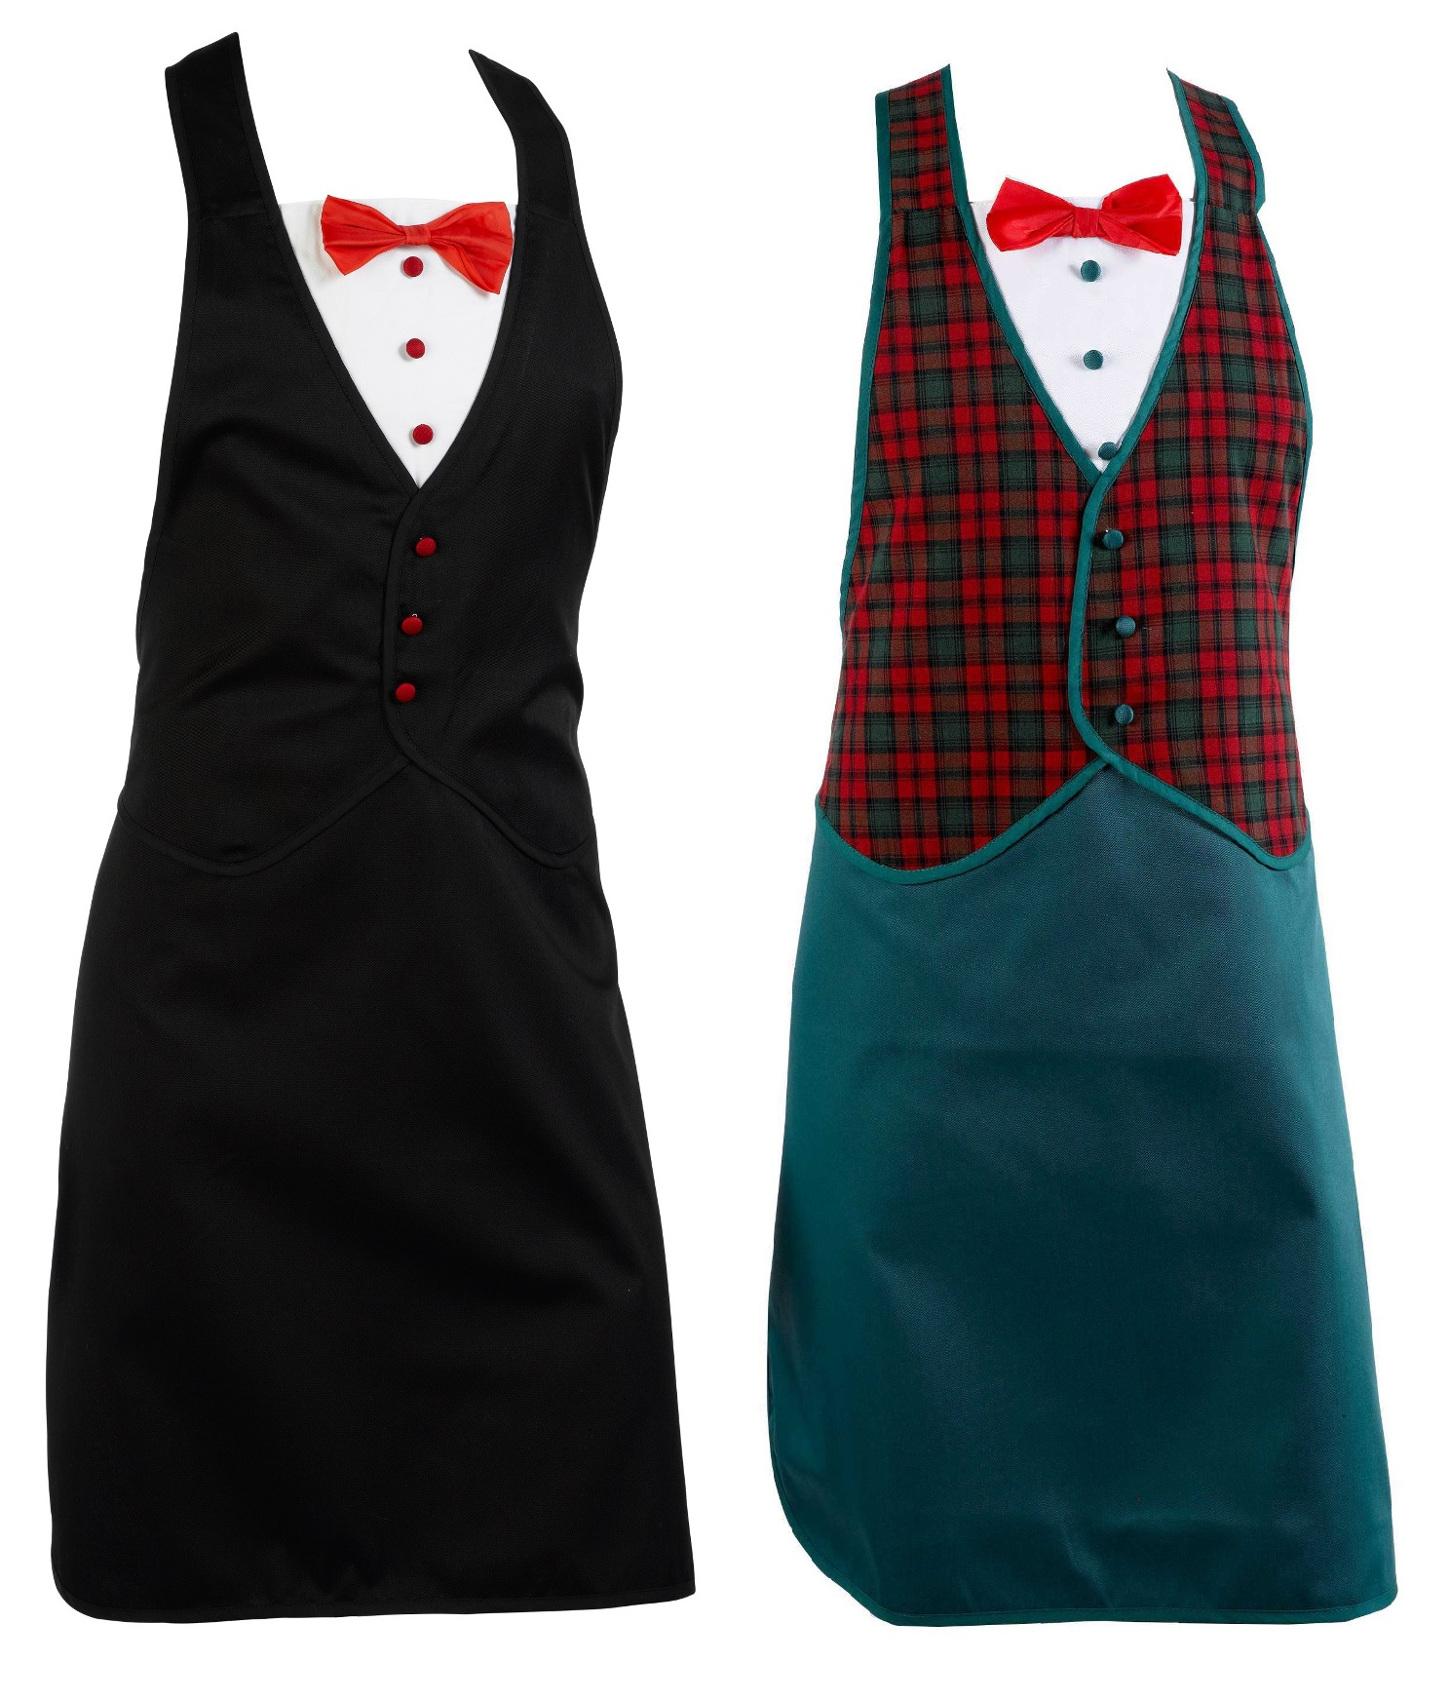 White apron fancy dress - Tartan Or Black Tuxedo Style Kitchen Cooking Apron Novelty Fancy Dress Joke Gift